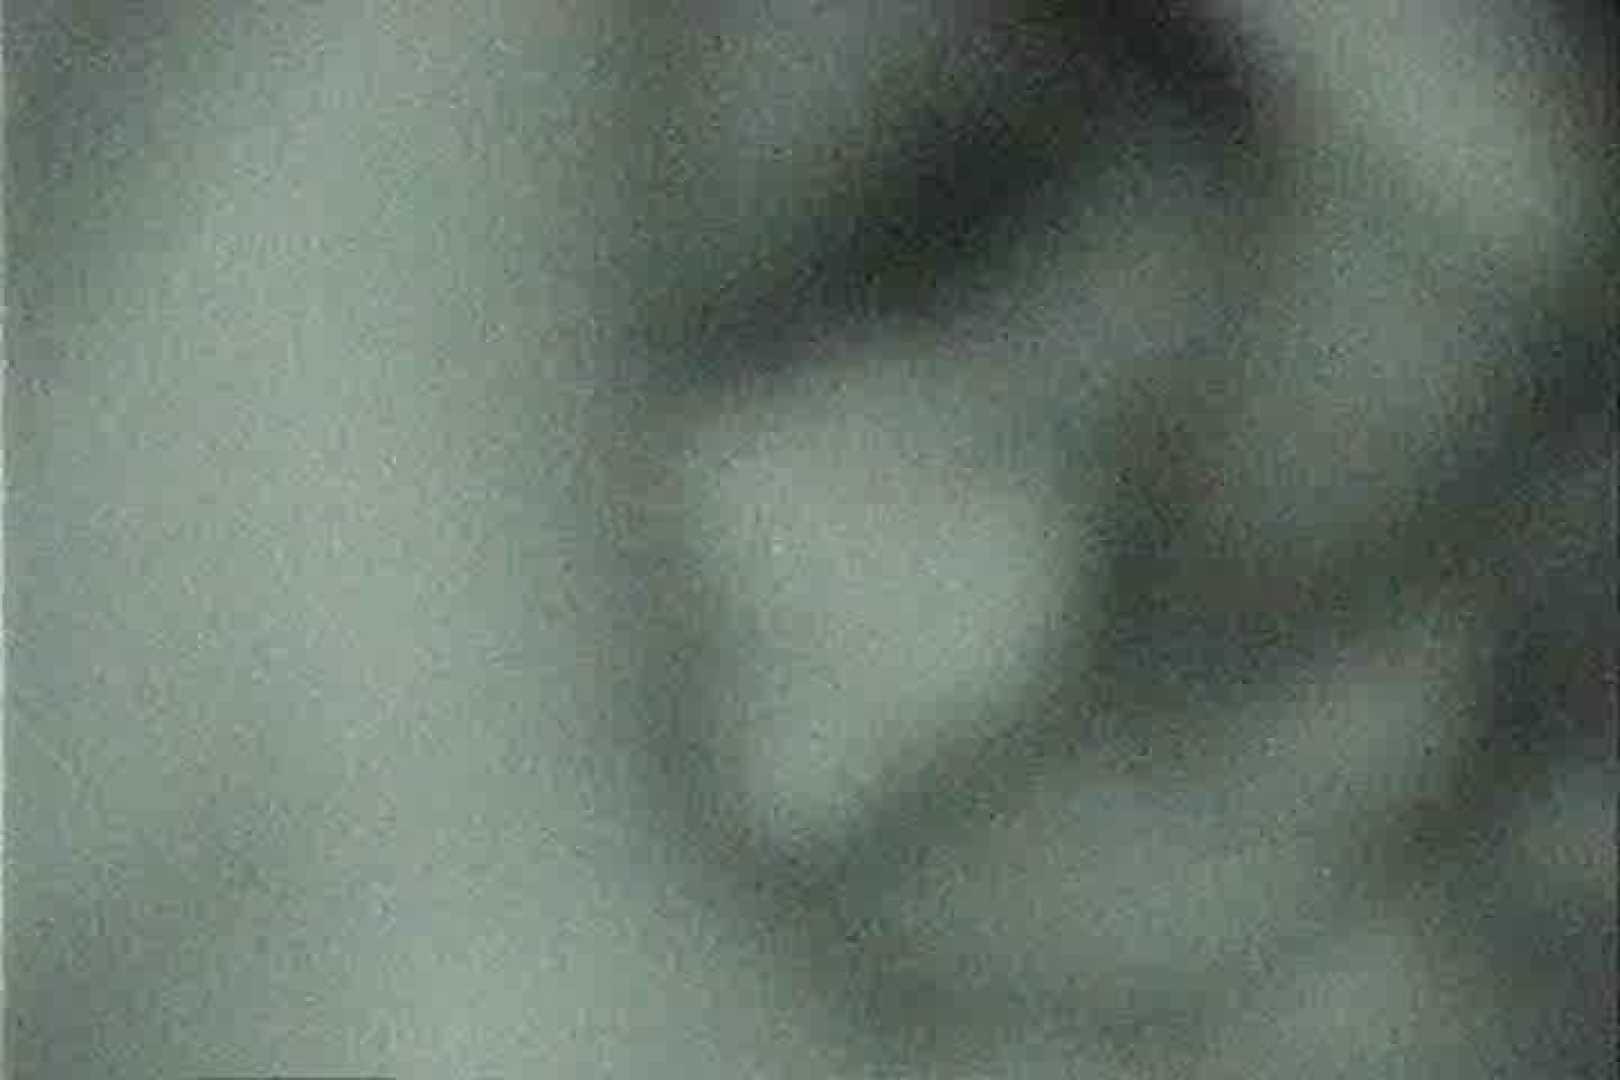 充血監督の深夜の運動会Vol.26 車でエッチ おまんこ無修正動画無料 57PIX 35